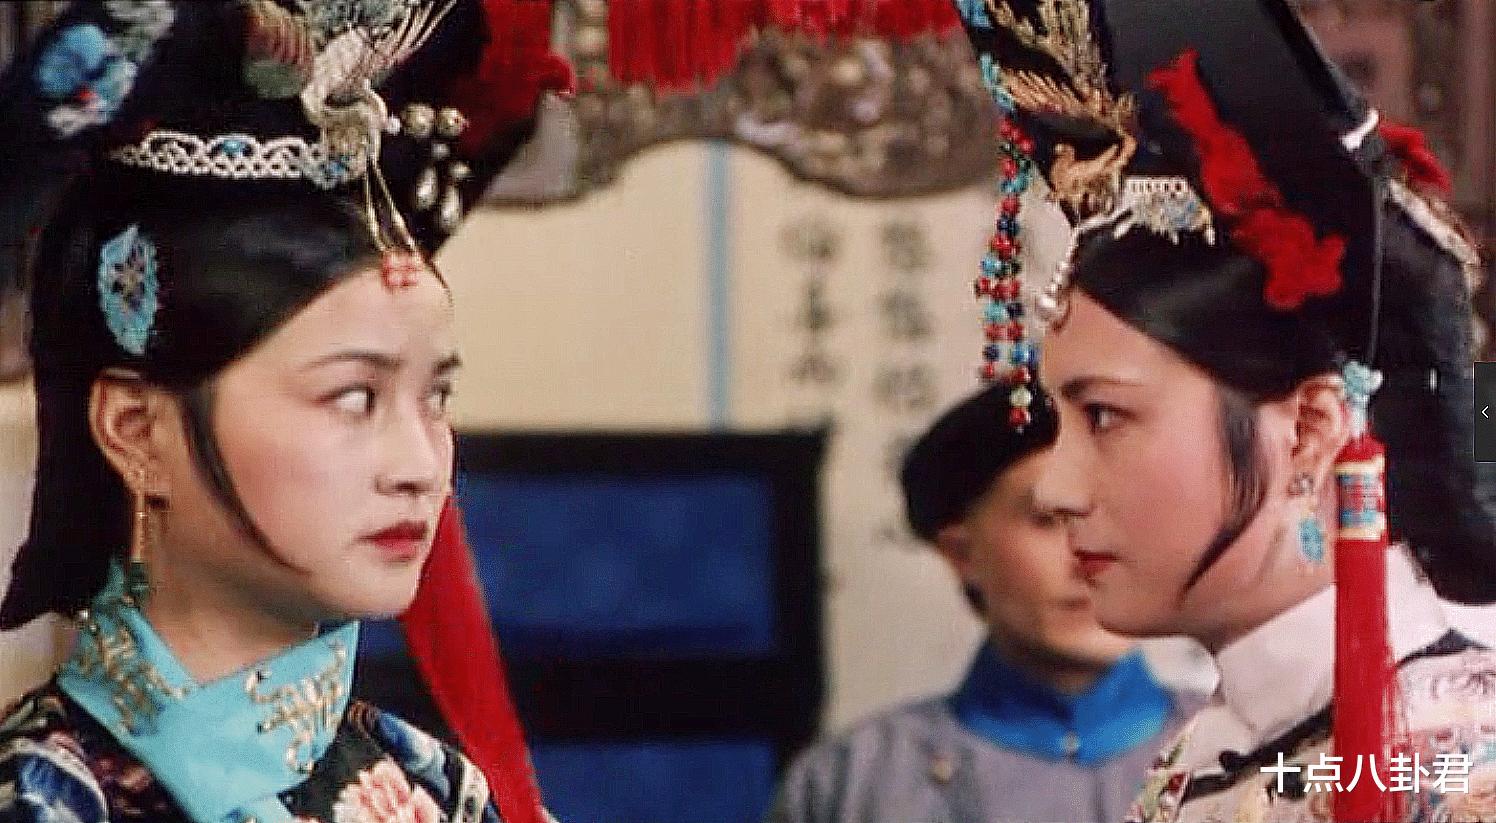 80年代女演員陳燁,出國留學嫁美國人,如今65歲怎麼樣瞭?-圖10